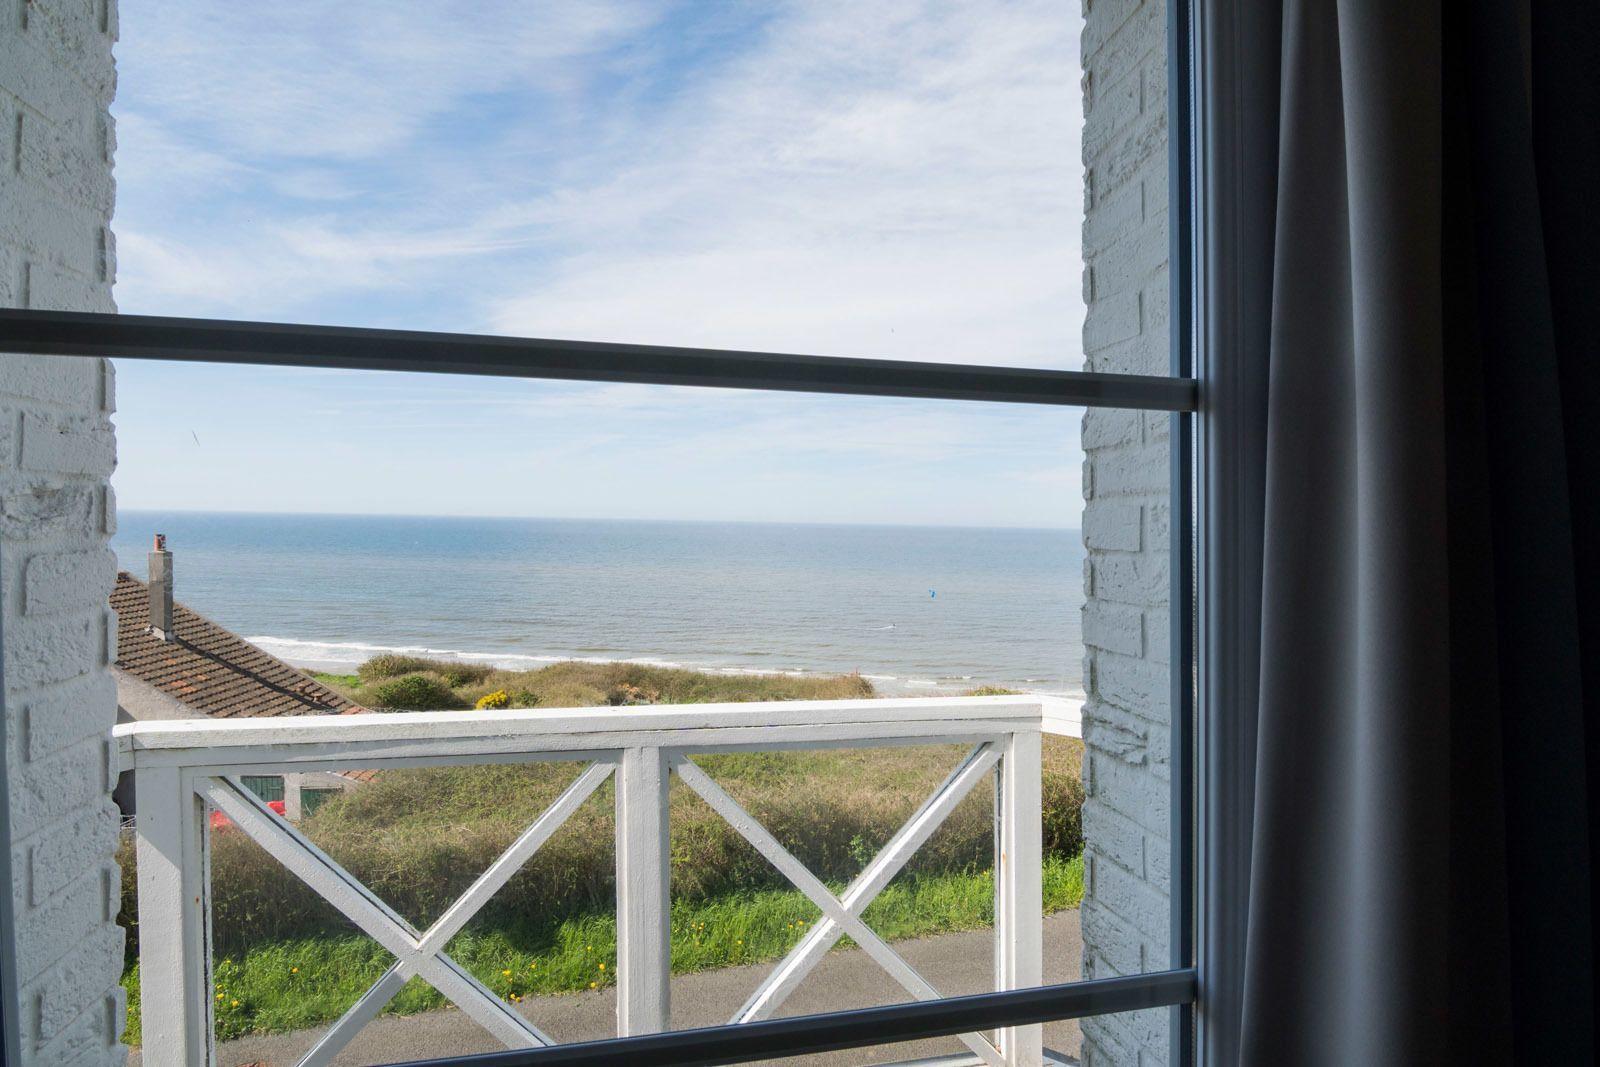 Villa pour 6 personnes avec vue directe sur mer